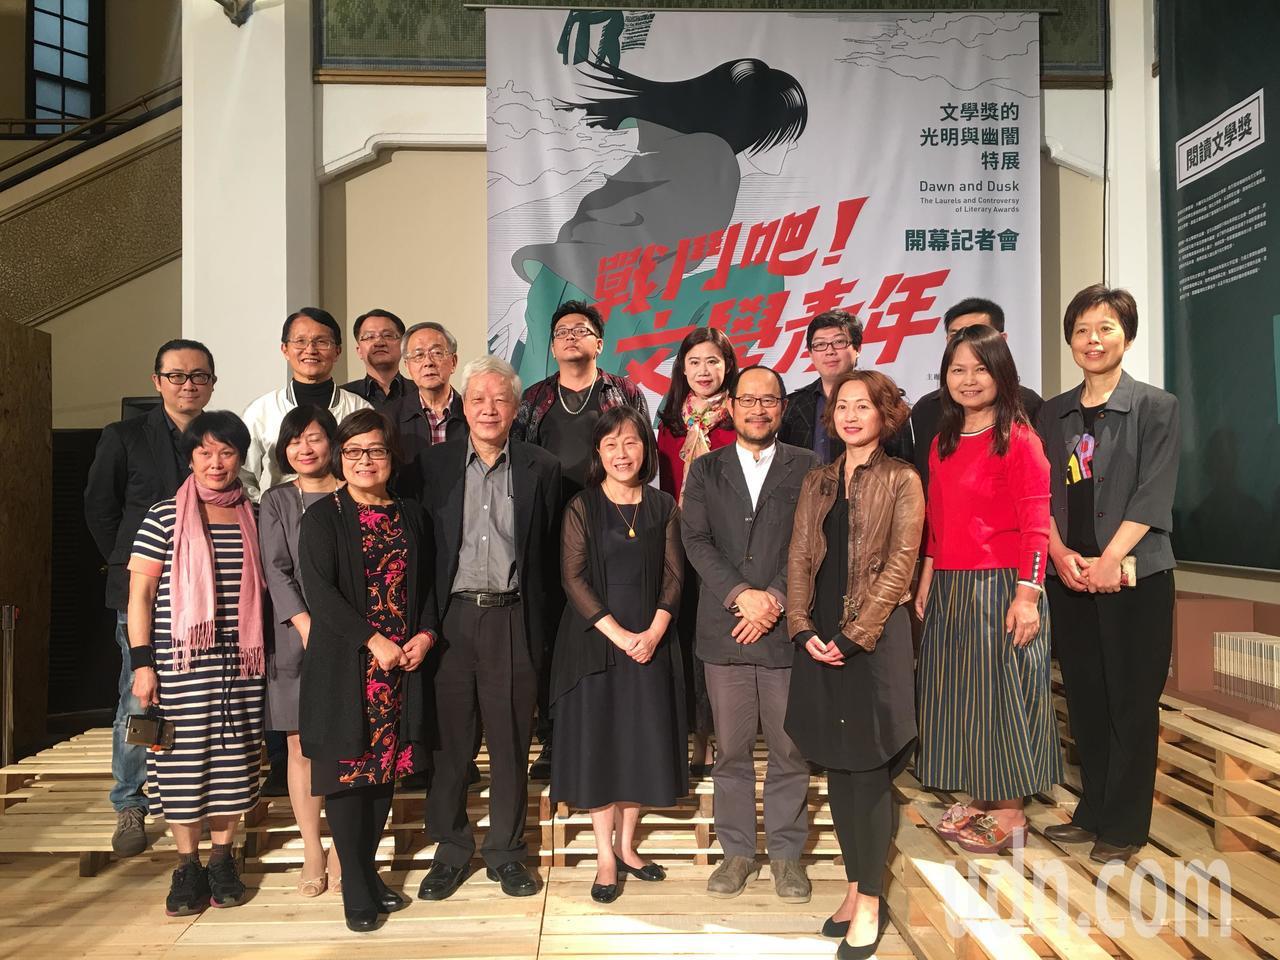 台北市文學獎慶祝二十週年,舉辦「戰鬥吧!文學青年:文學獎的光明與幽闇」特展。記者...